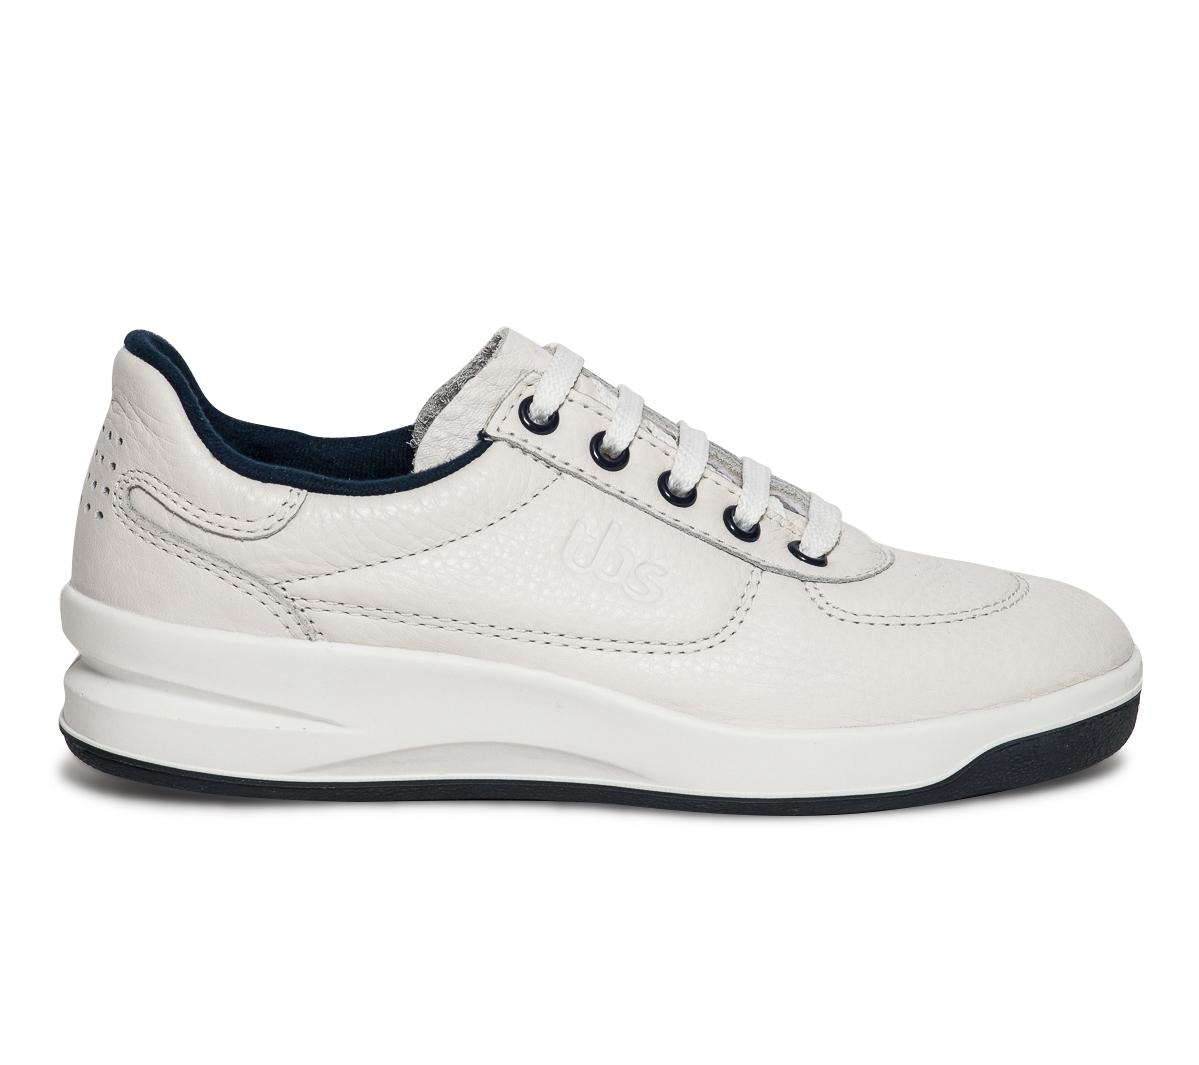 Blanc Tbs Cuir Tennis Tbs Tennis Cuir Cuir Blanc Blanc Tbs Tennis Tennis 7g6yvYfmbI